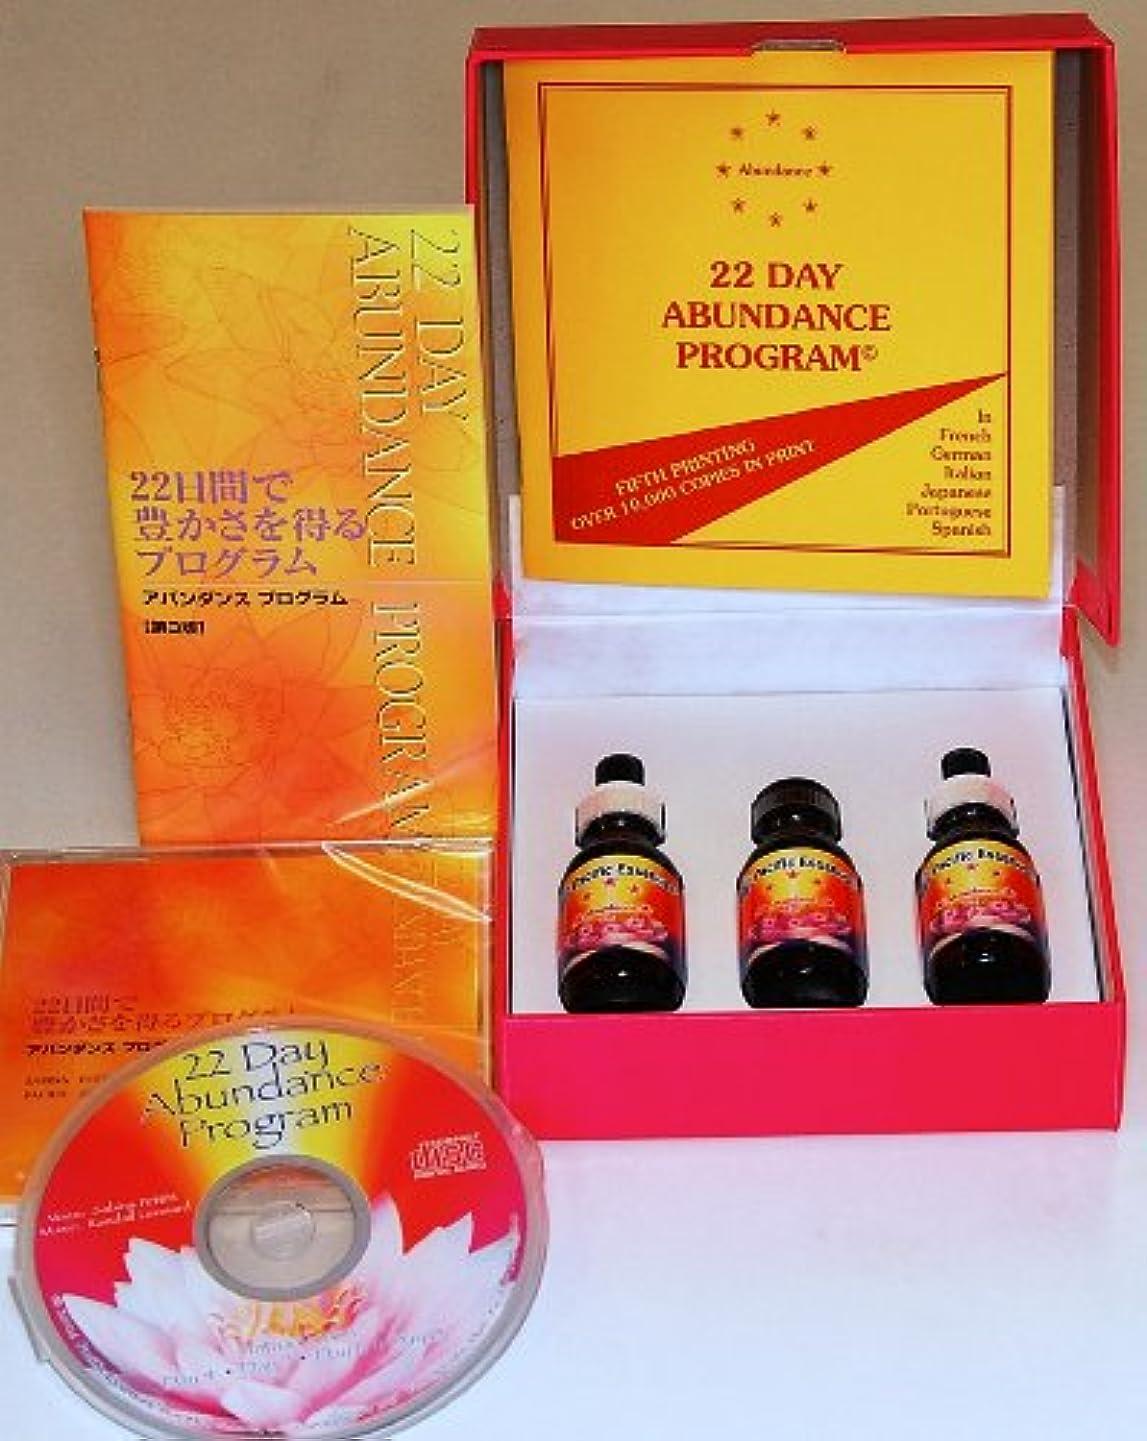 トロリー聴覚カポックアバンダンス プログラム セット 日本語訳 日本語版CD付